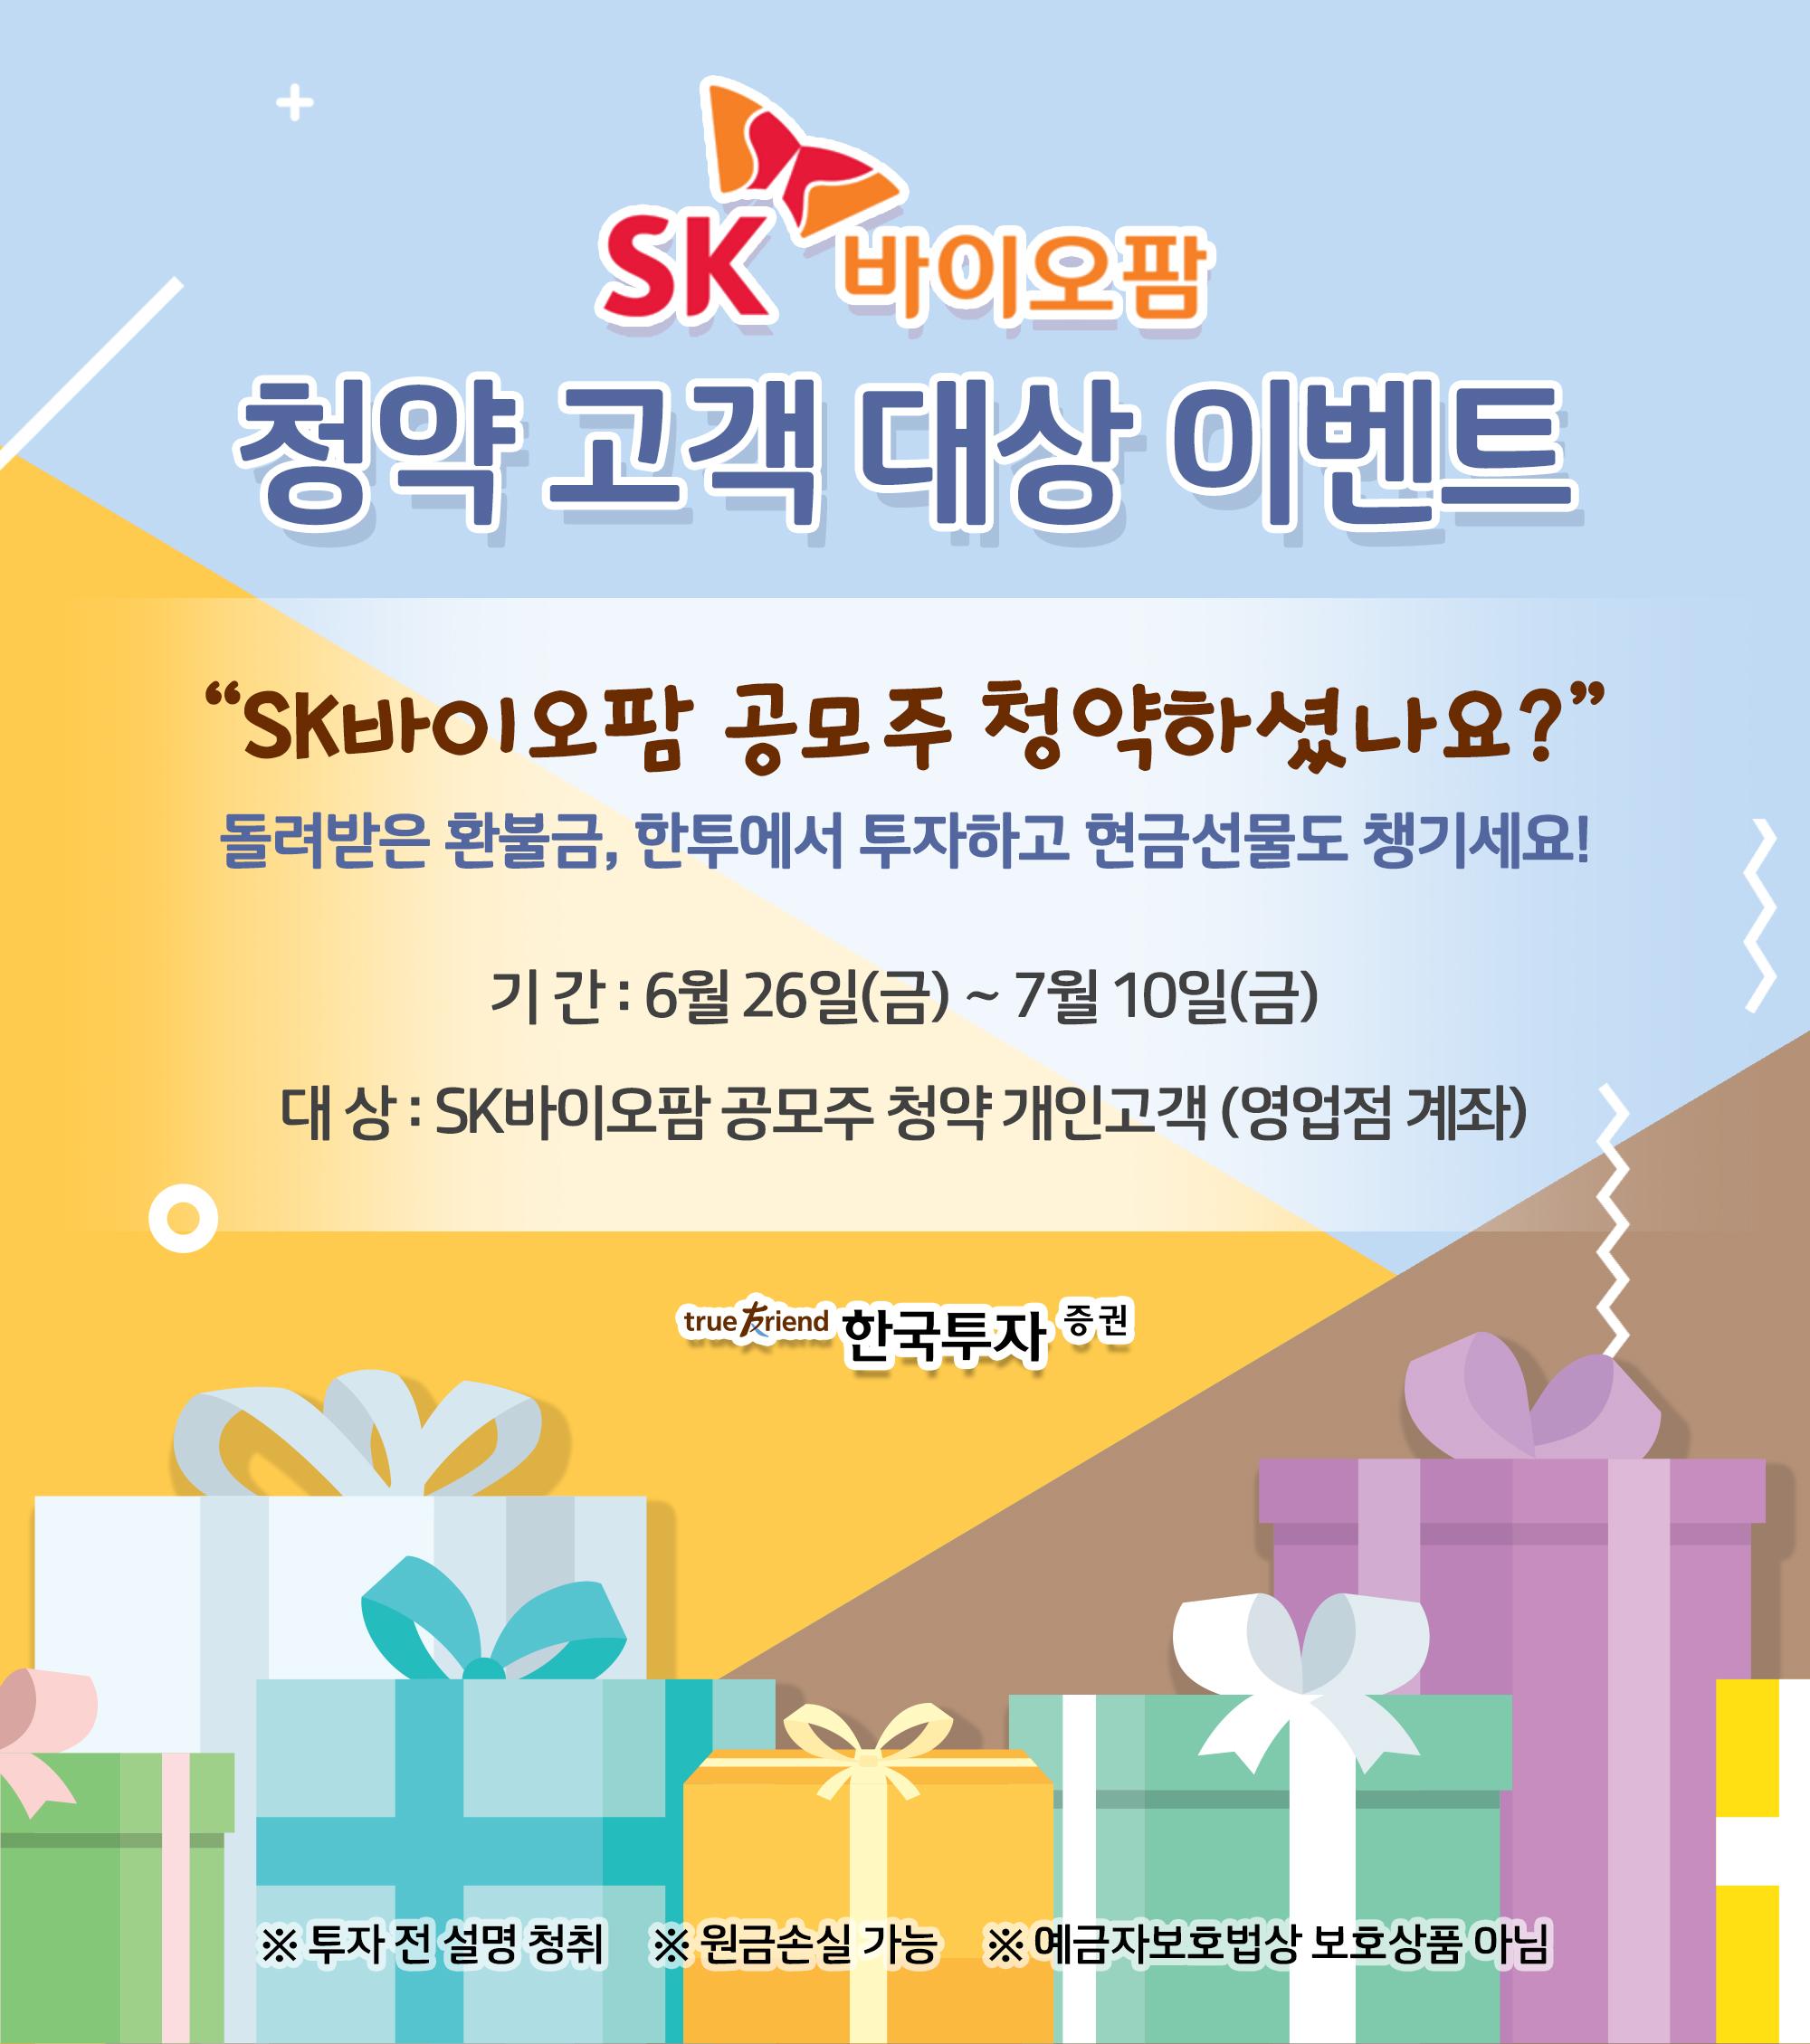 한국투자증권, SK바이오팜 청약 고객 대상 이벤트 실시